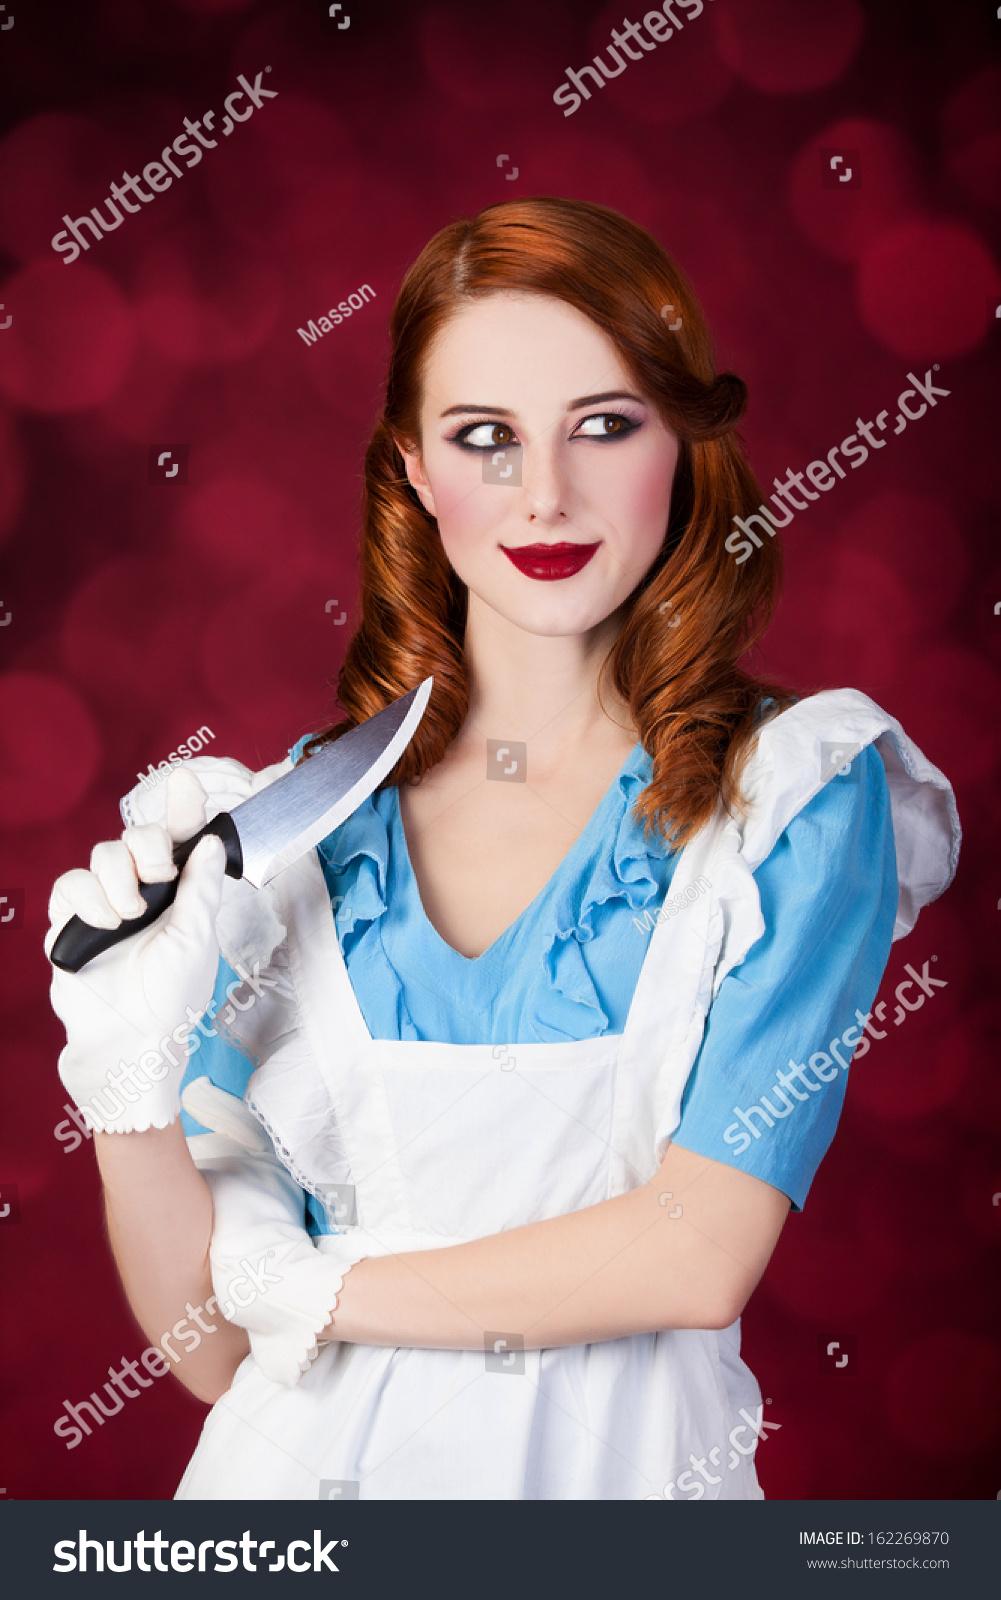 redhead-medic-girl-kiss-nude-desi